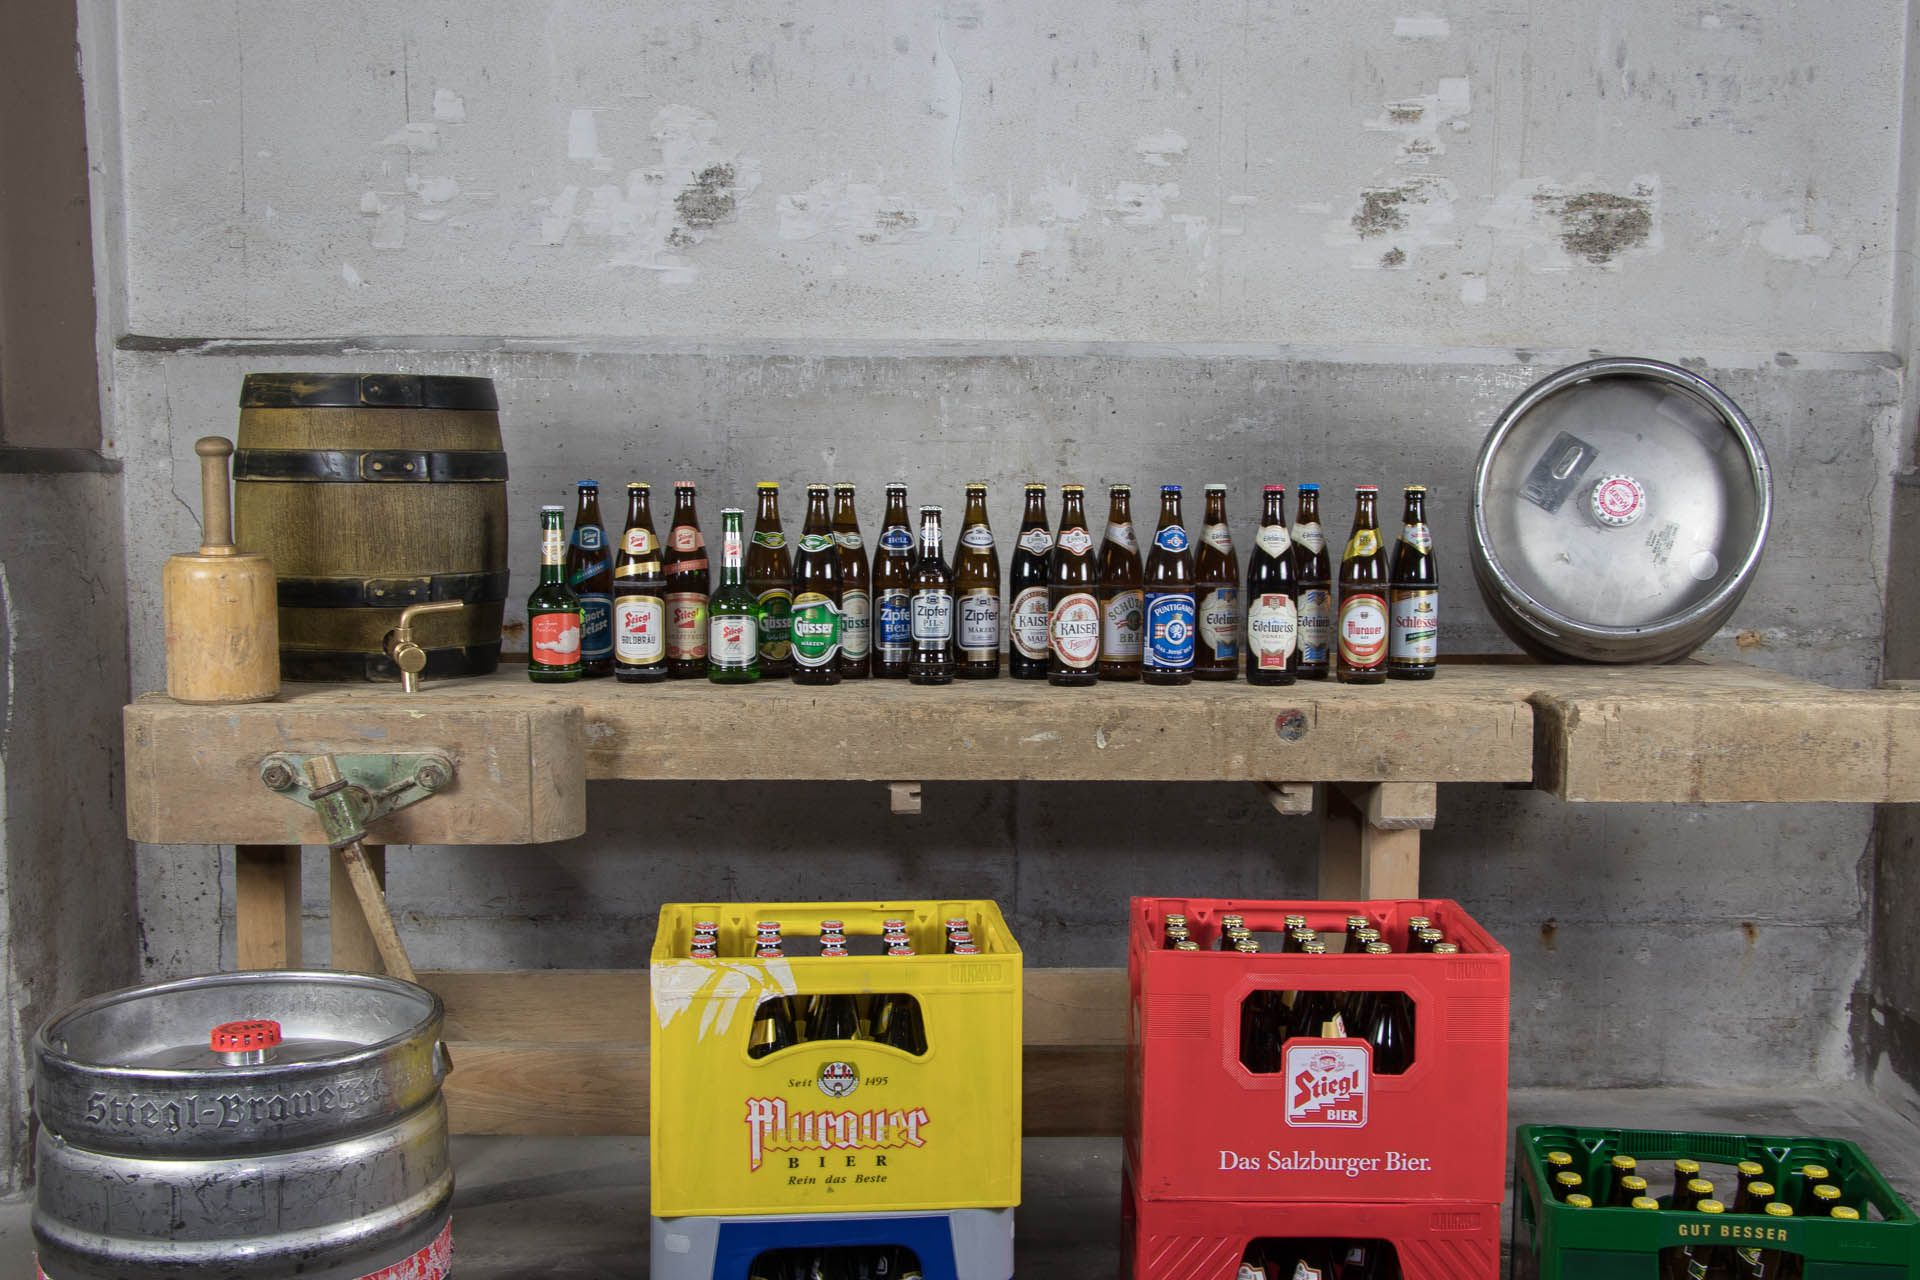 Getränke Hörl | Ihr Getränkelieferant für Bier, Wein, Spirituosen ...